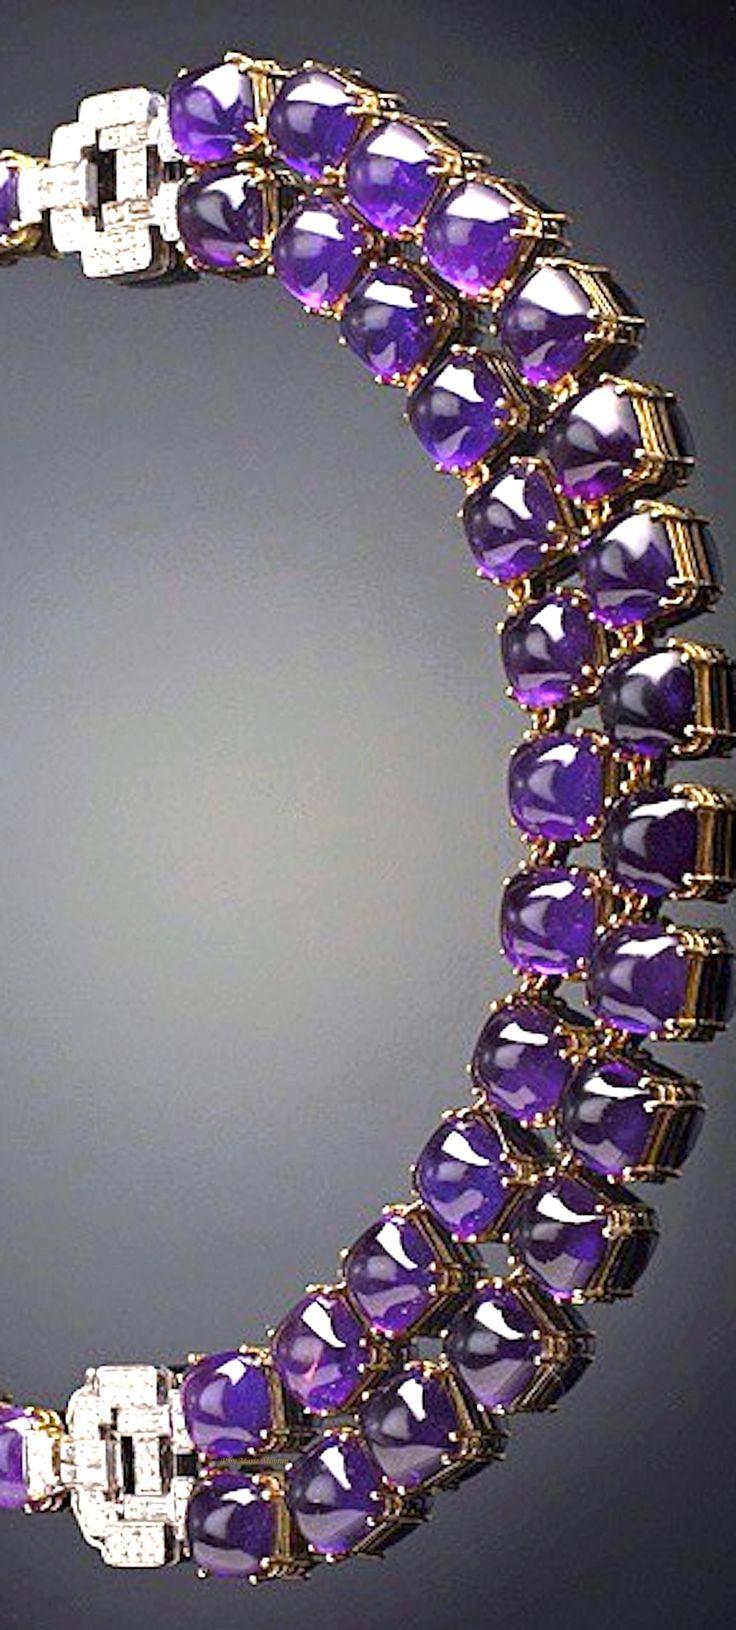 PURPLE RAIN- Veschetti necklace